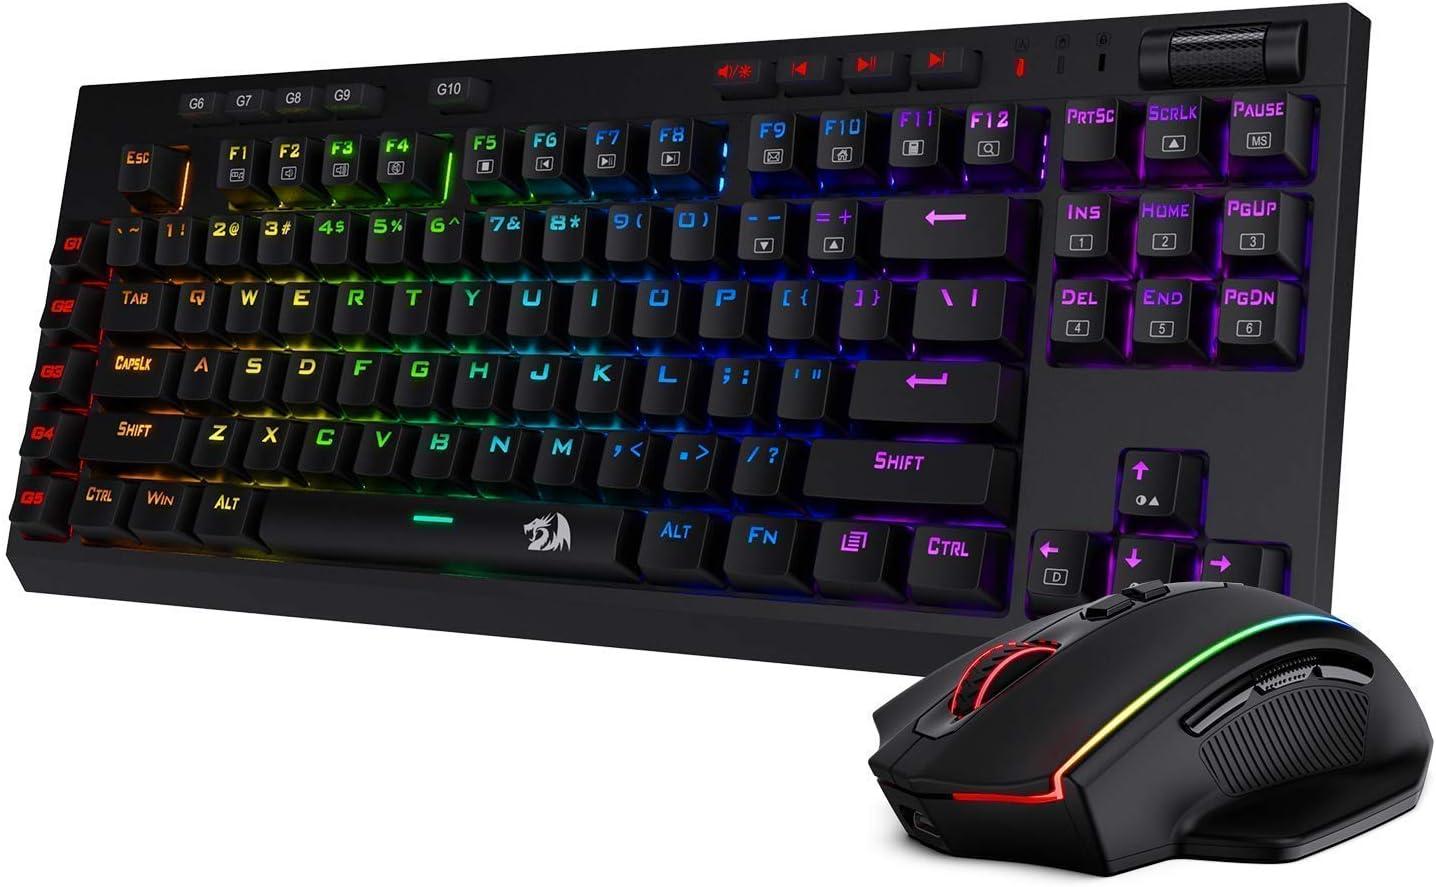 Redragon K596 Wireless Mechanical Gaming Keyboard M686 Wireless Gaming Mouse Bundle